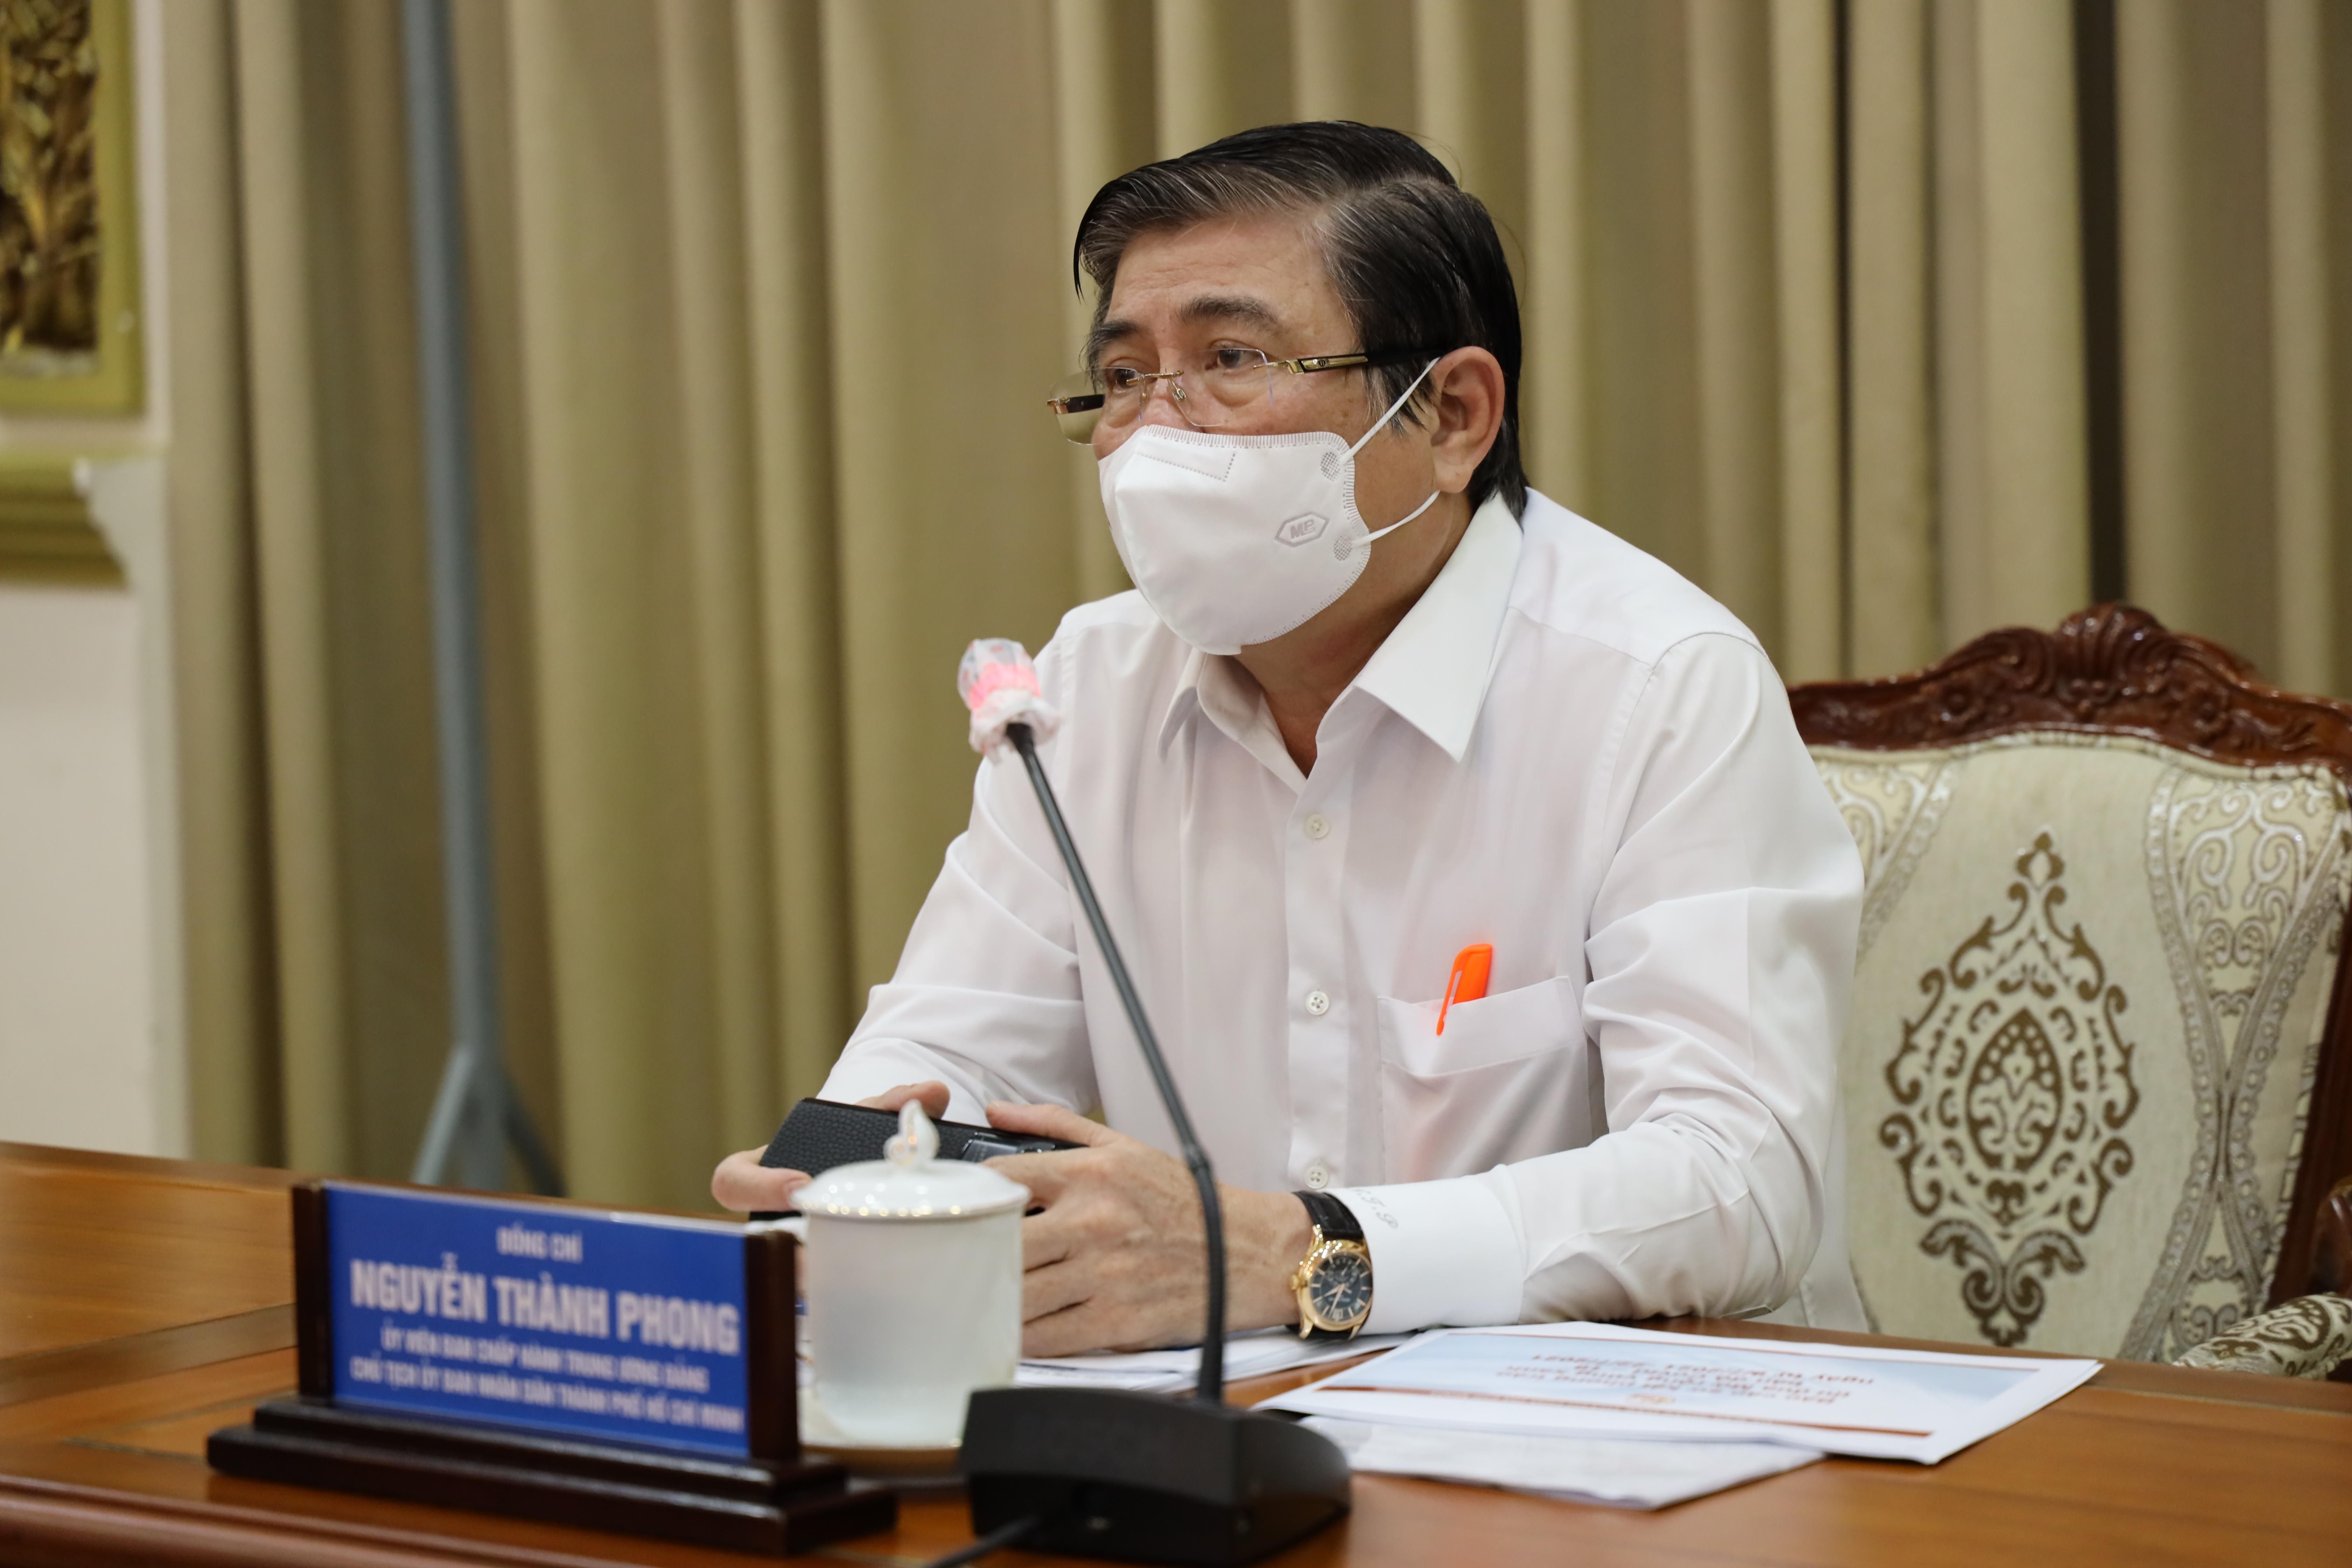 TP Hồ Chí Minh nỗ lực kiểm soát dịch bệnh trước ngày 15/9 để khôi phục kinh tế